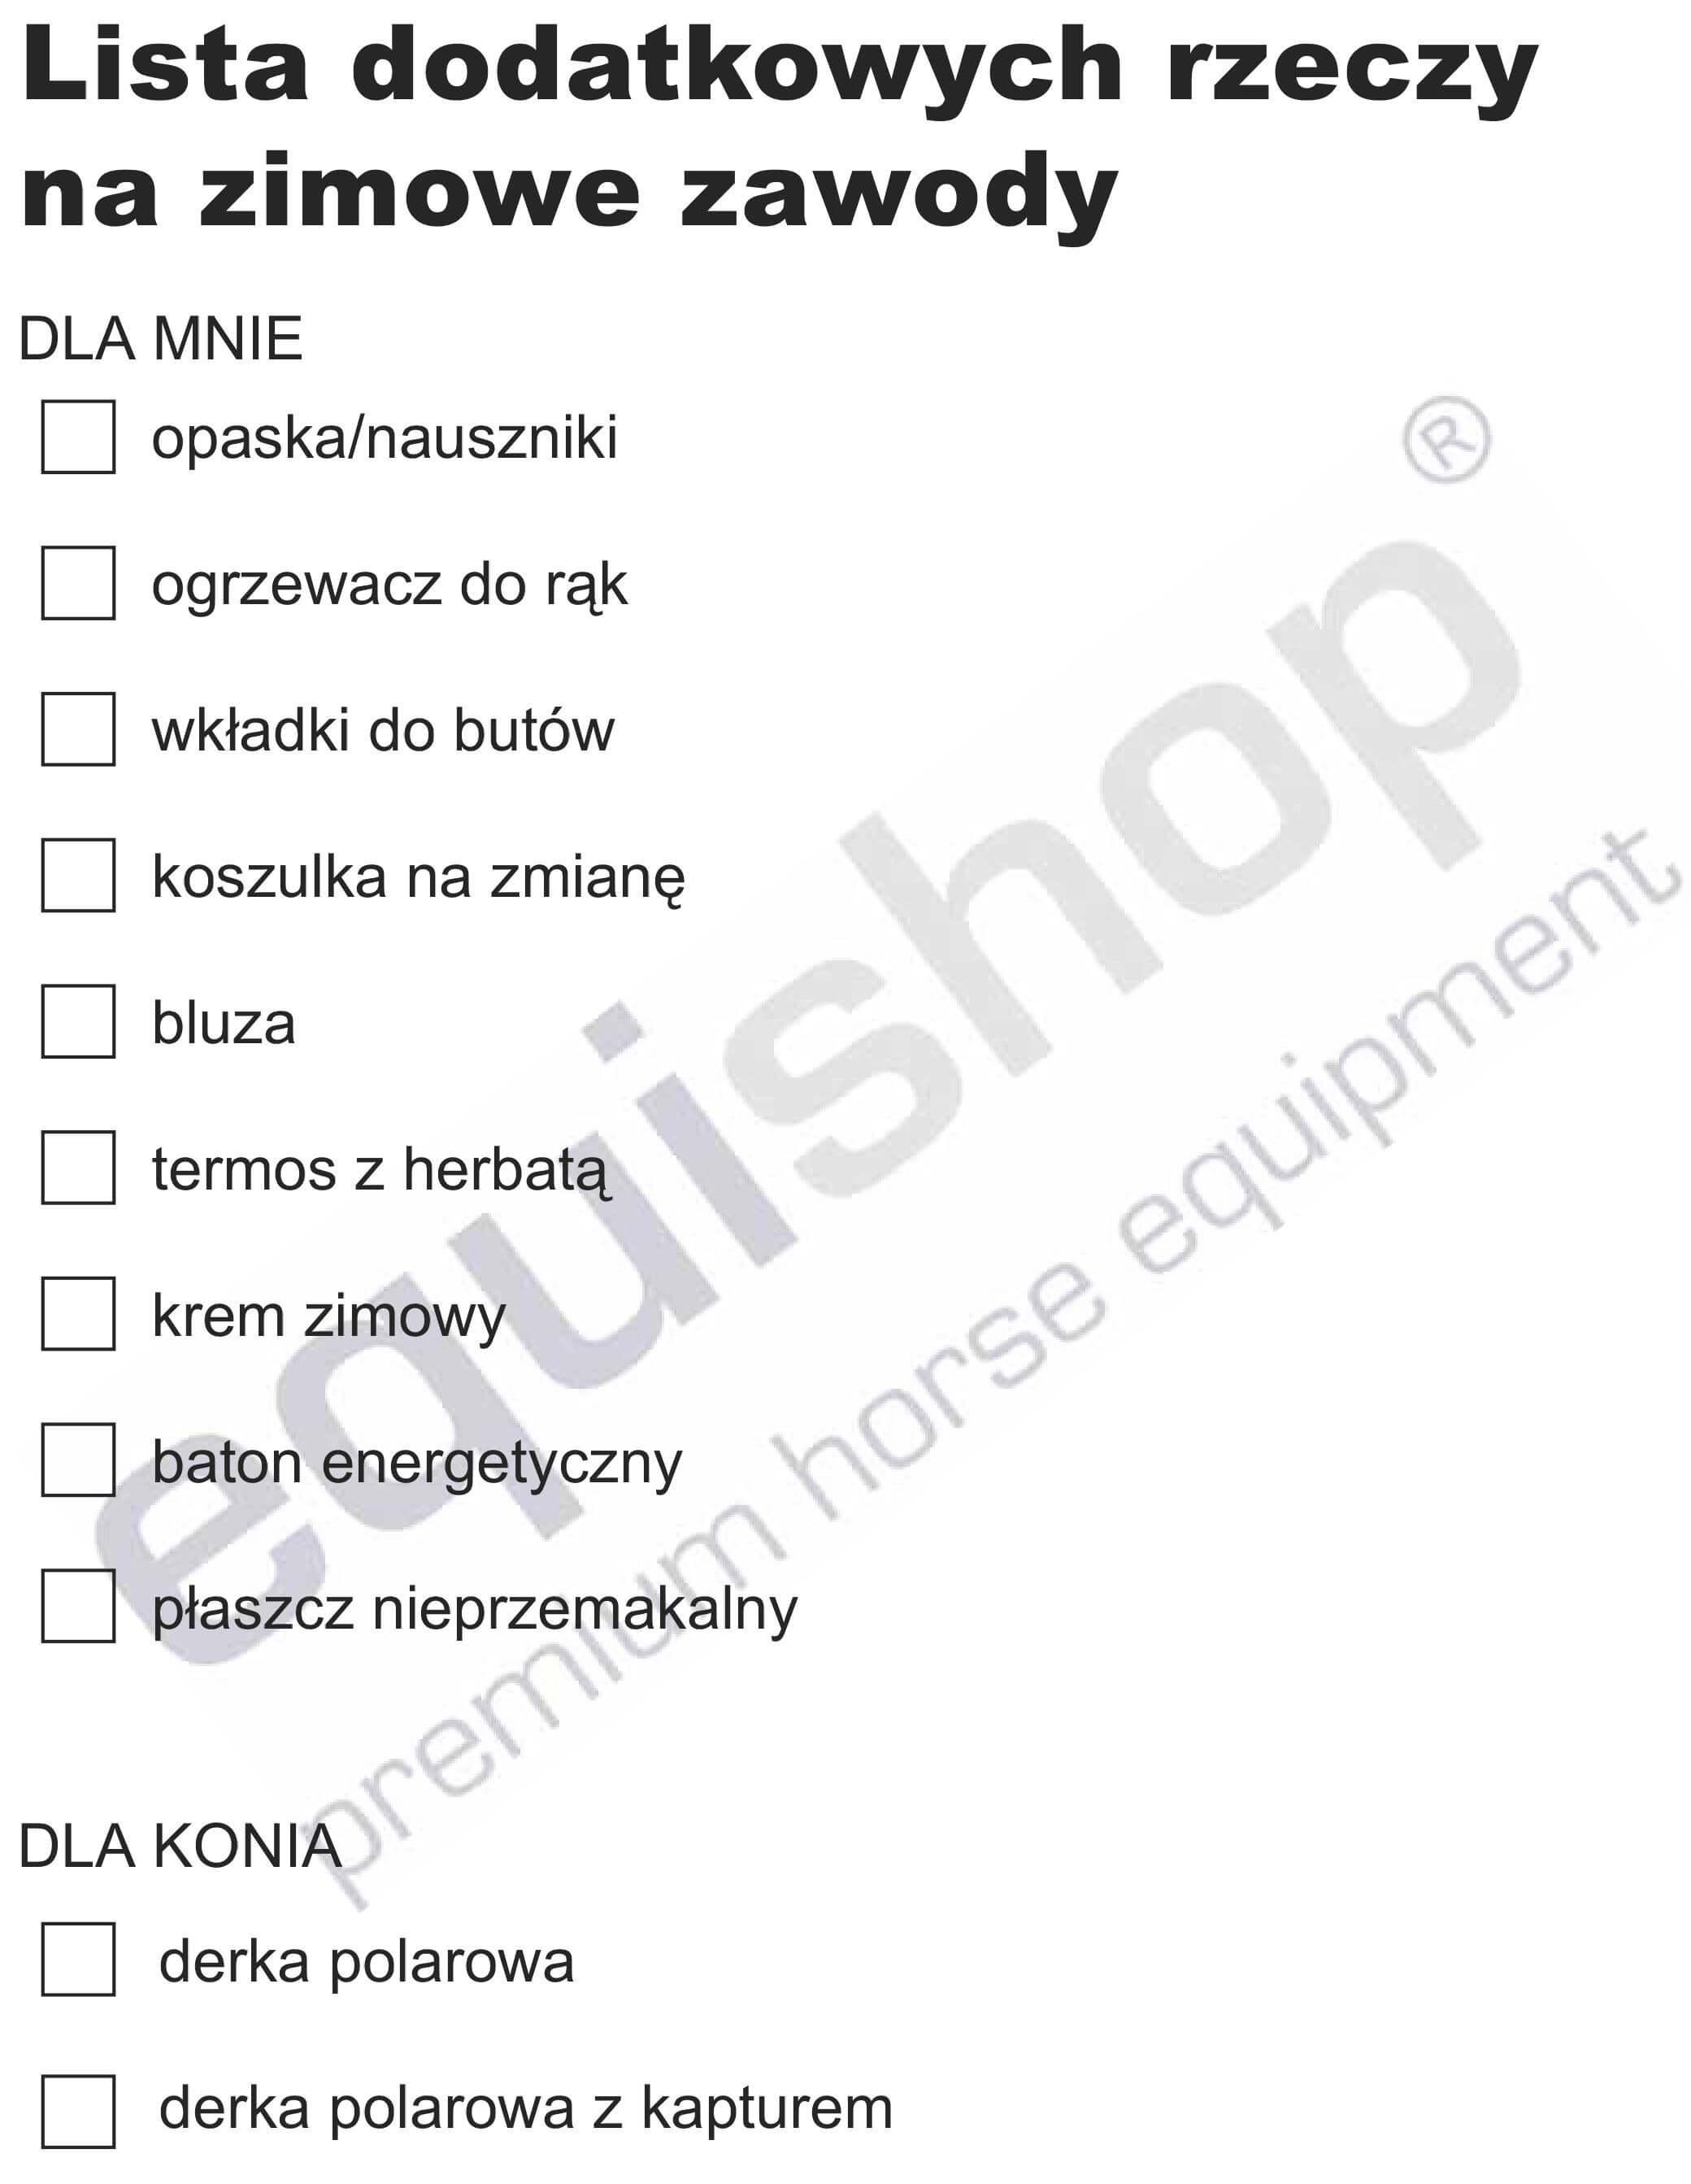 Lista rzeczy do zabrania na zimowe zawody